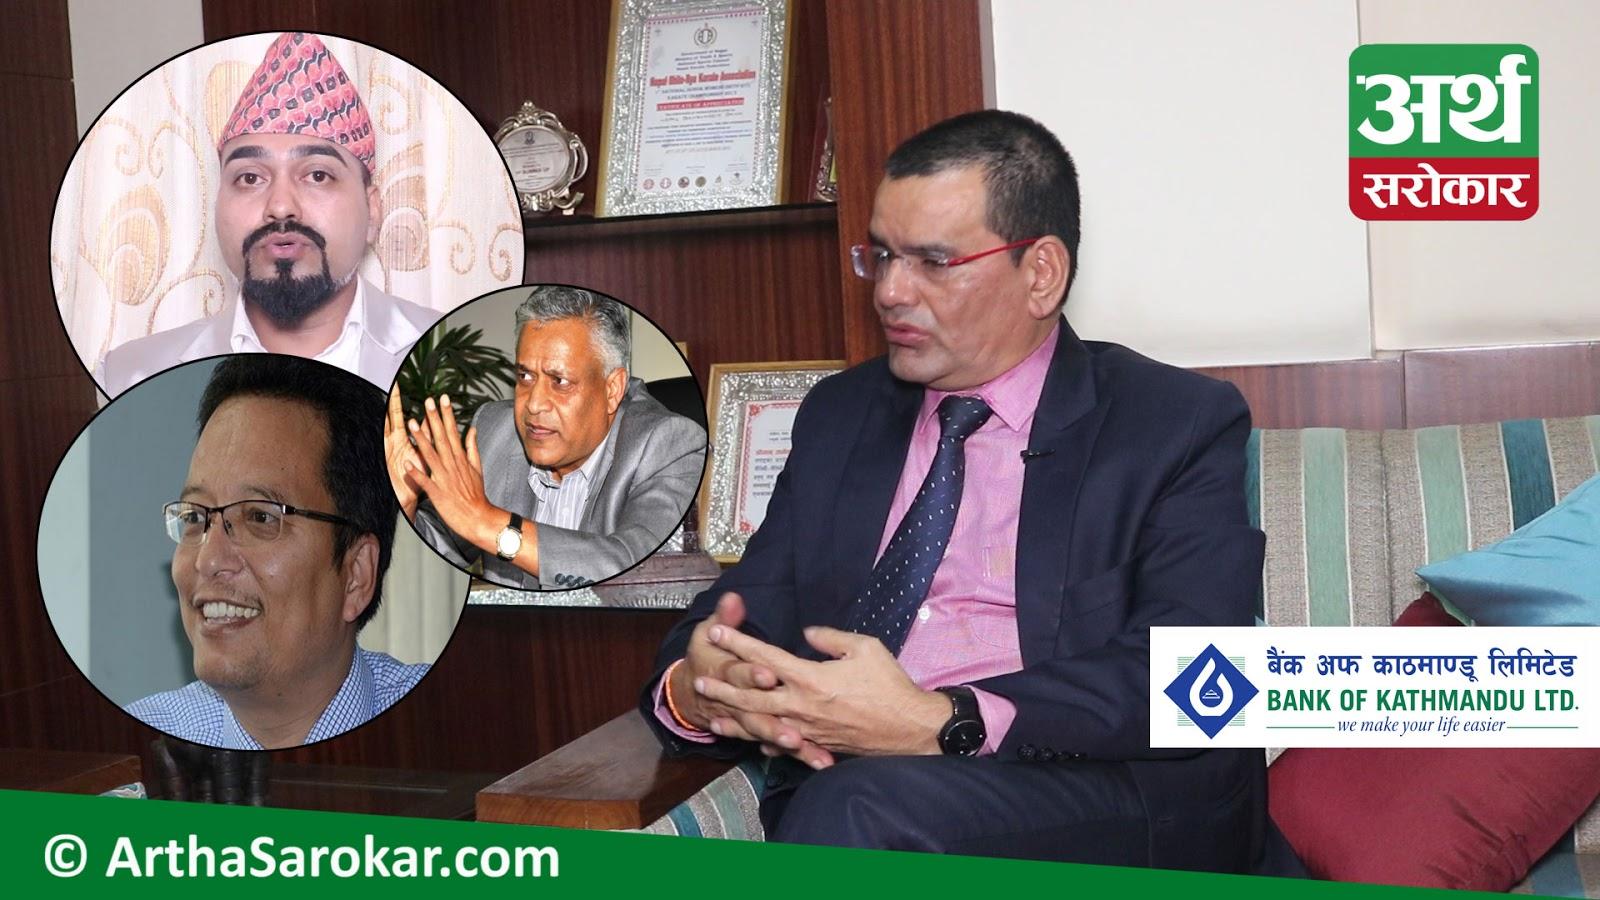 Exclusive : बैंक अफ काठमाण्डू प्रकरणबारे के भन्छन् बैंकर्स संघका अध्यक्ष ? कसरी फसे अजय ? (भिडियो)